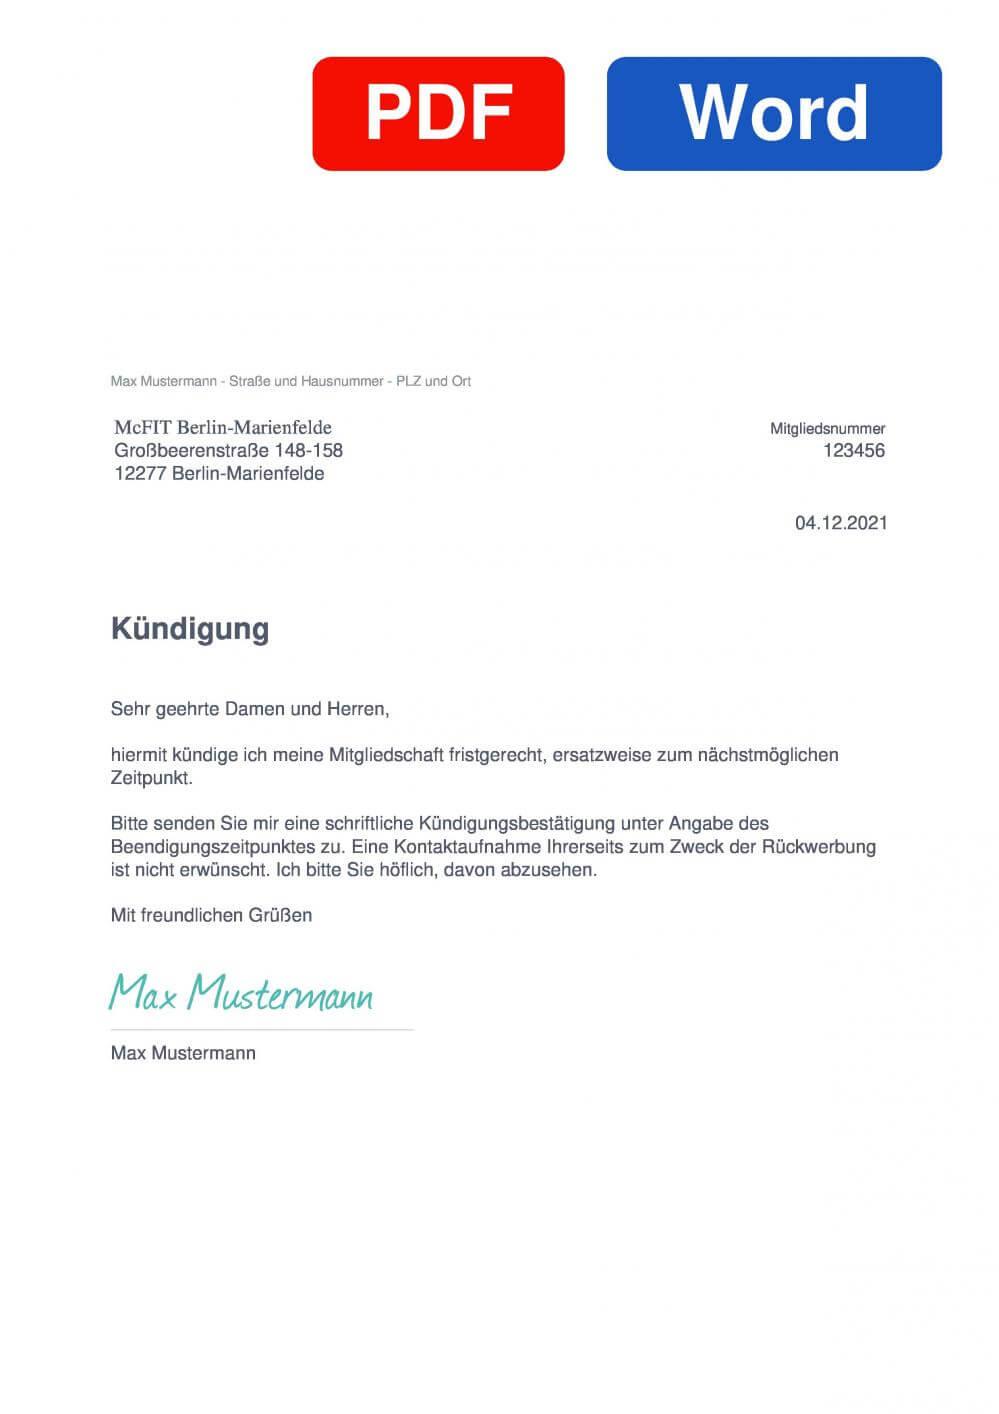 McFIT Berlin-Marienfelde Muster Vorlage für Kündigungsschreiben